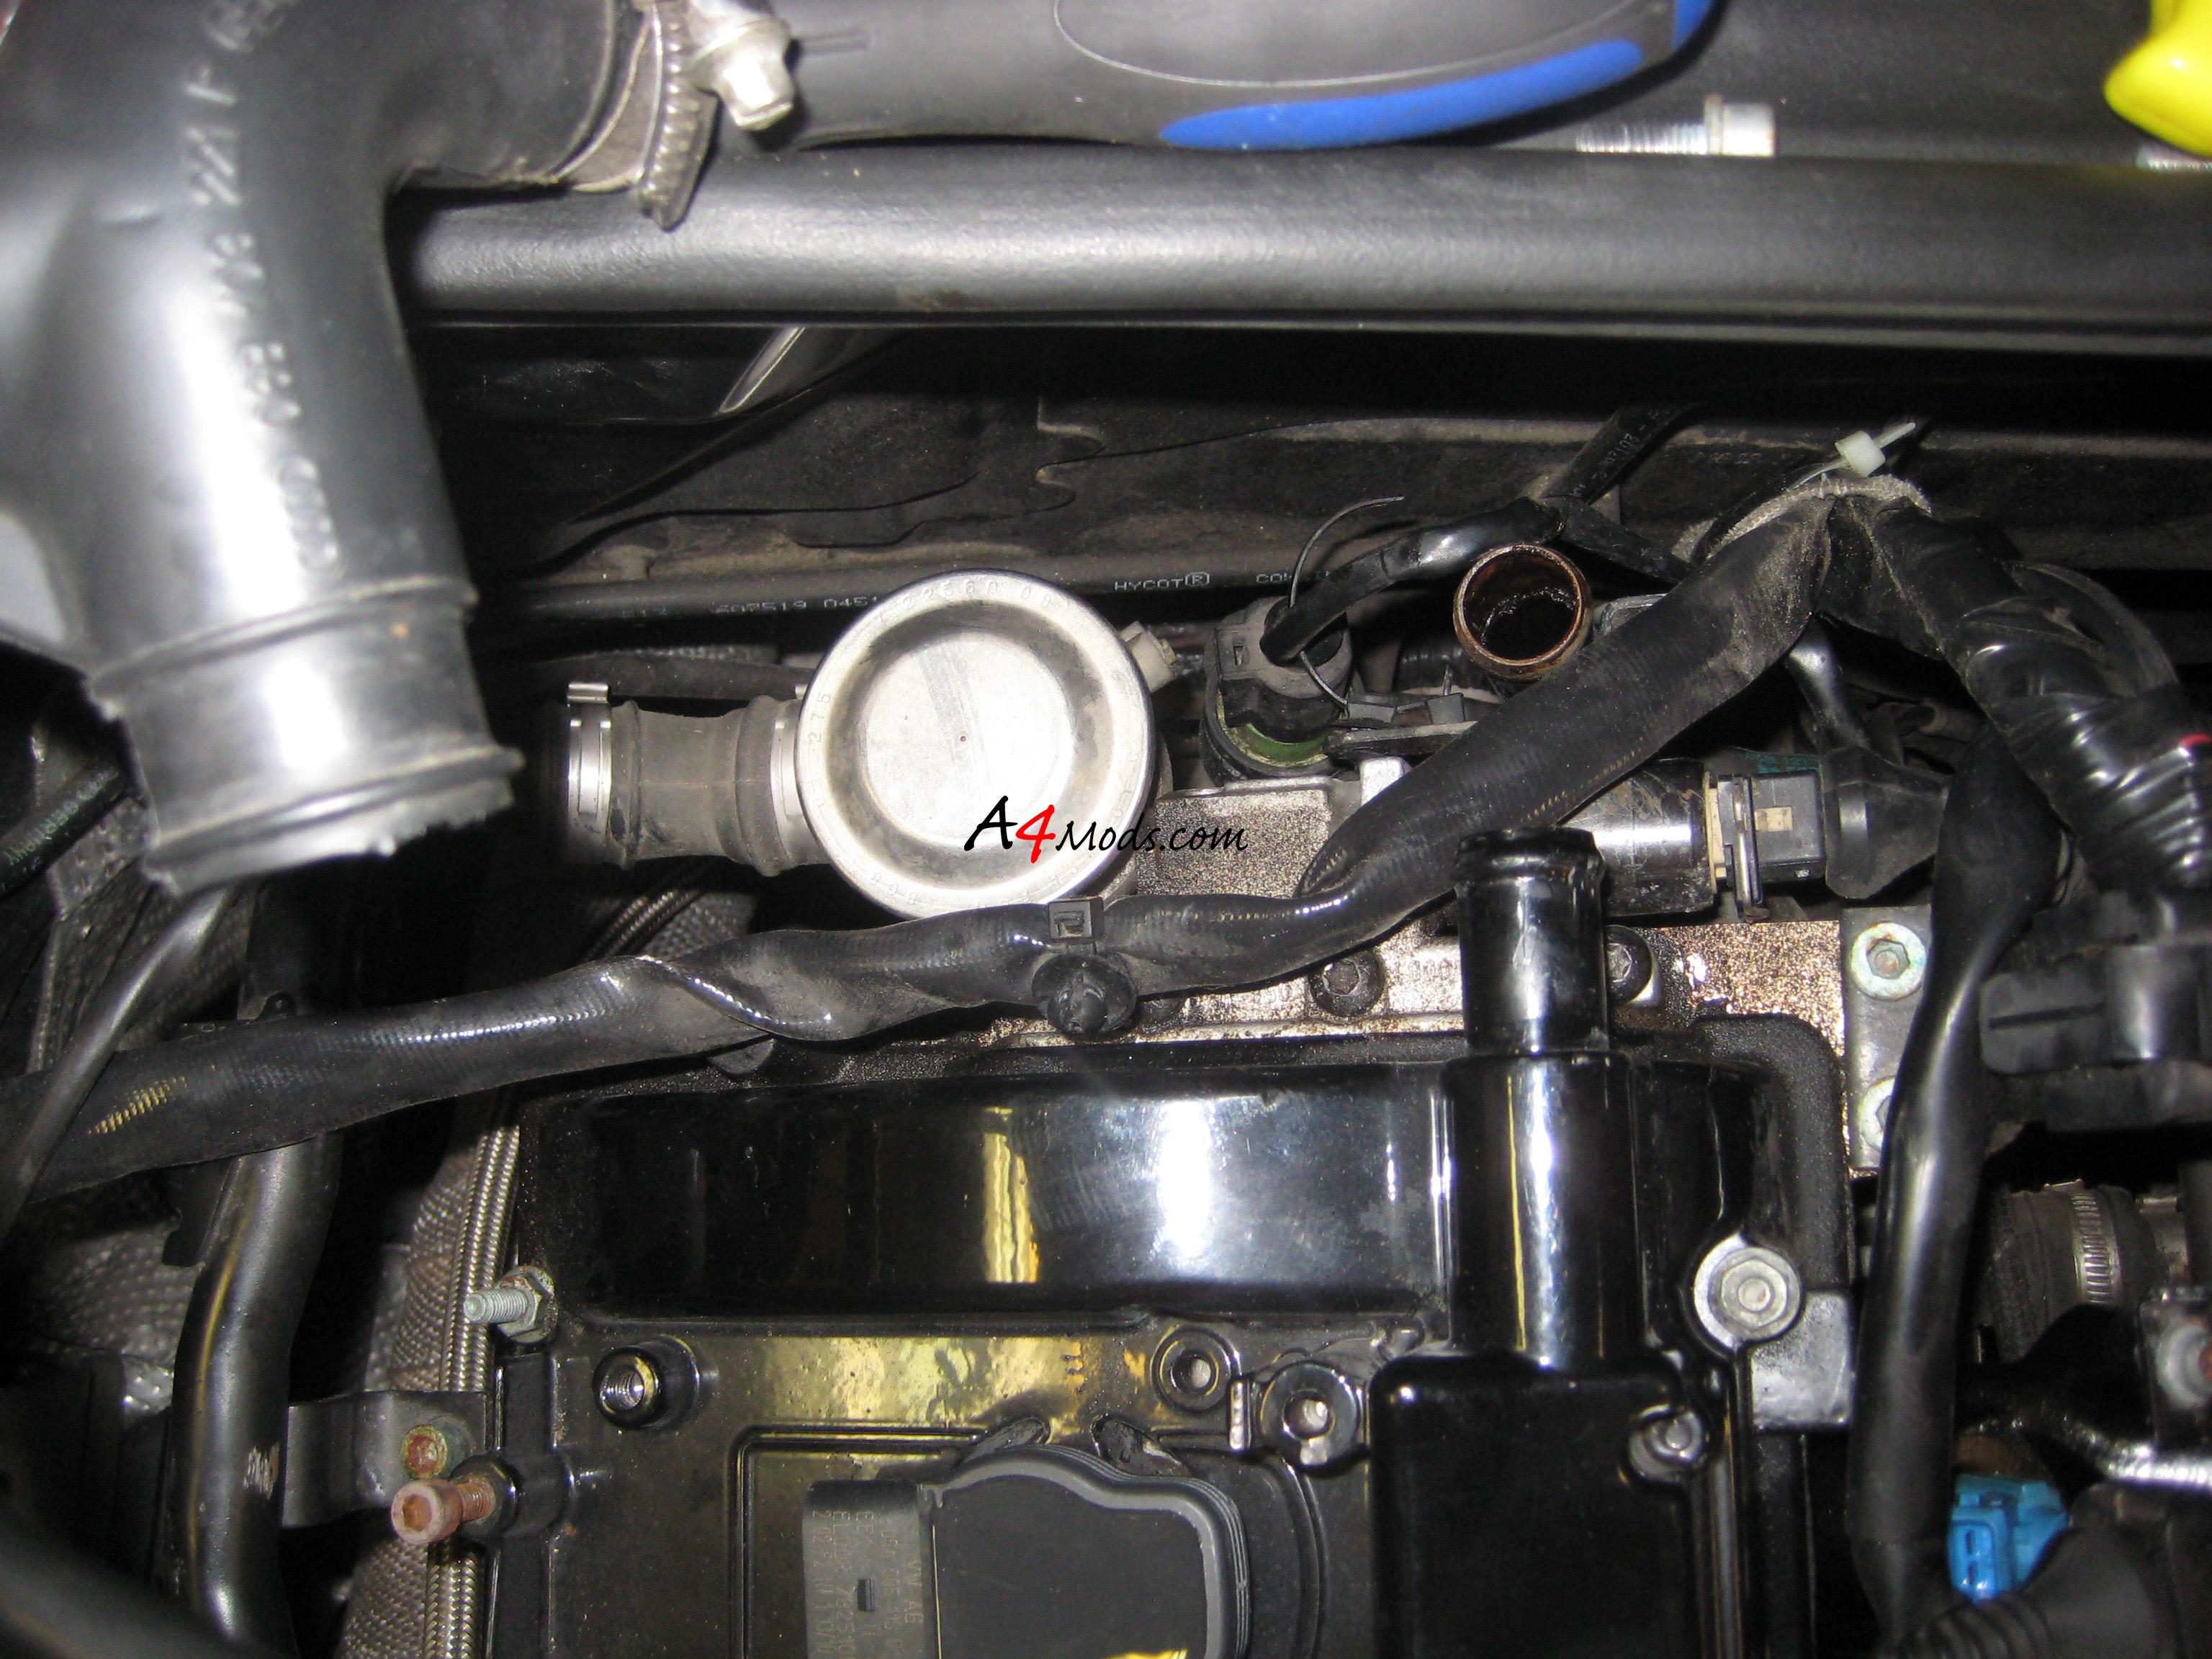 2001 audi a4 cooling system diagram  audi  auto parts